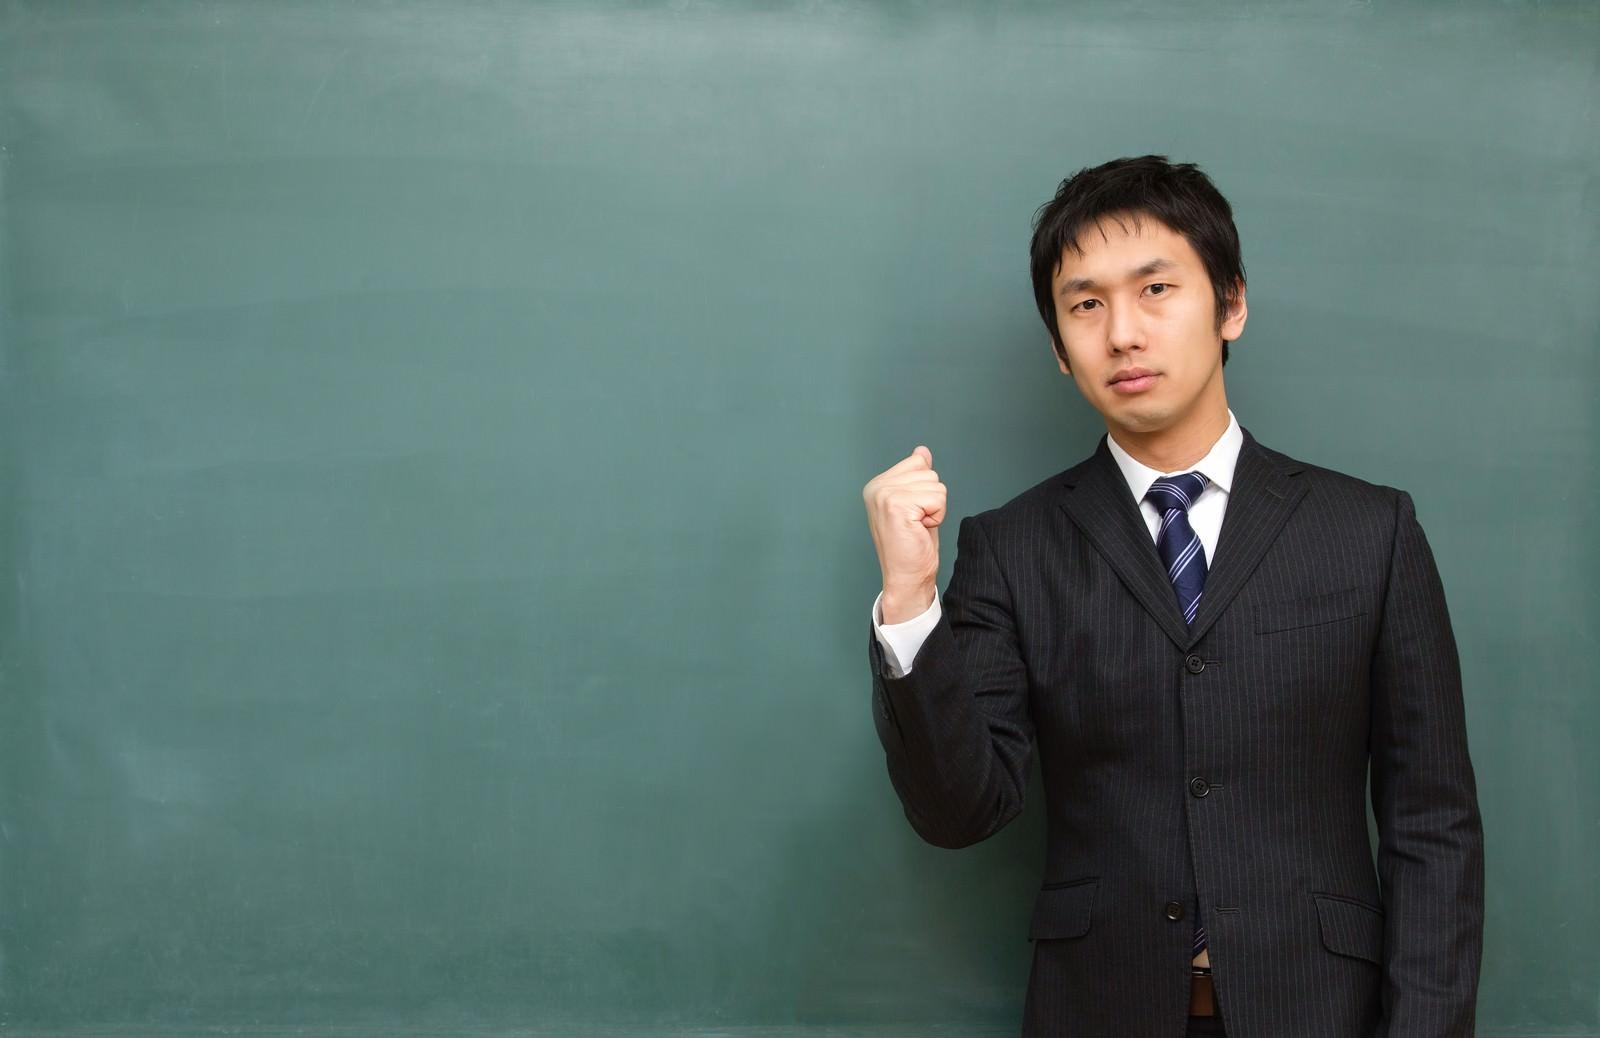 「負けるな学生!と応援する塾講師」の写真[モデル:大川竜弥]